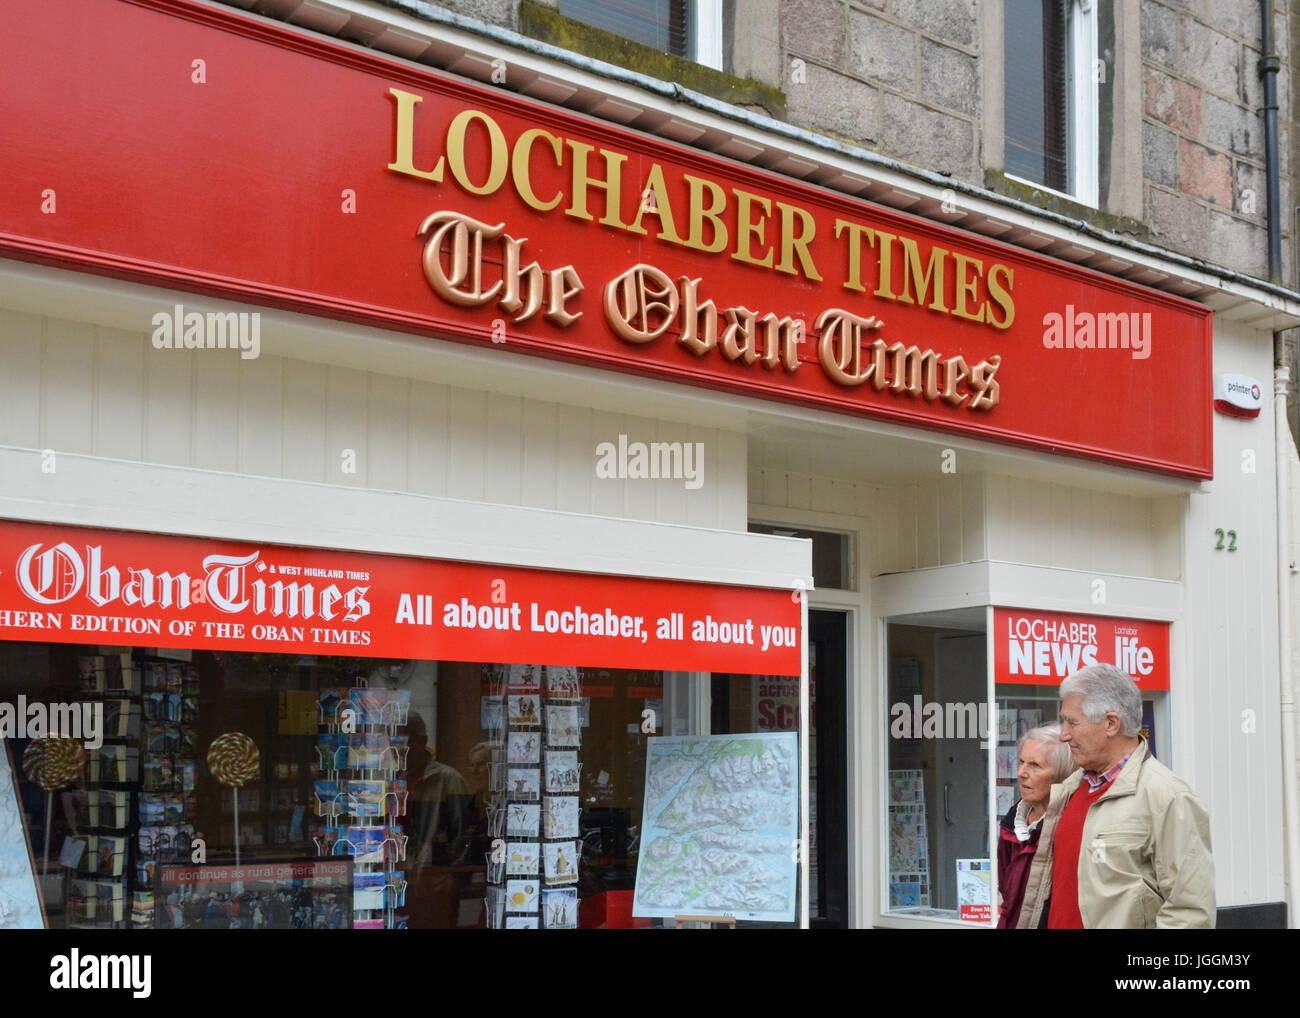 Lochaber tiempos y los tiempos de Oban tienda de periódicos locales, Fort William, en Escocia, Reino Unido Imagen De Stock